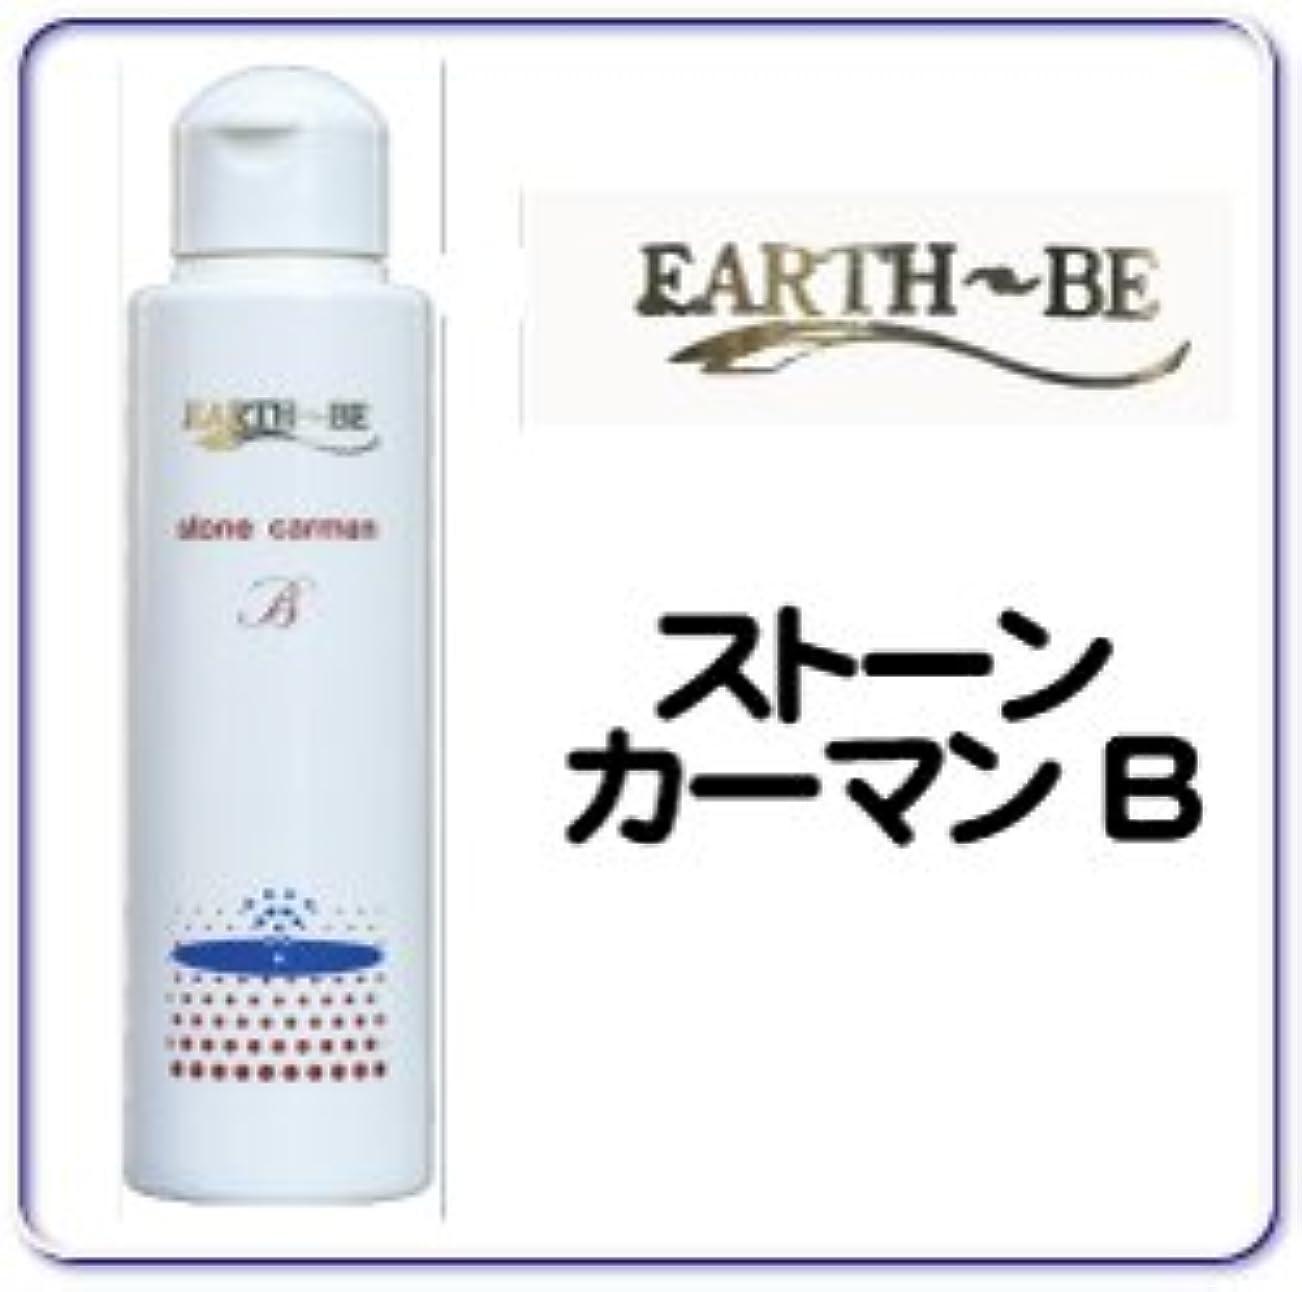 ベルマン化粧品 EARTH-Bシリーズ  アースビ ストーン カーマンB  120ml 化粧水